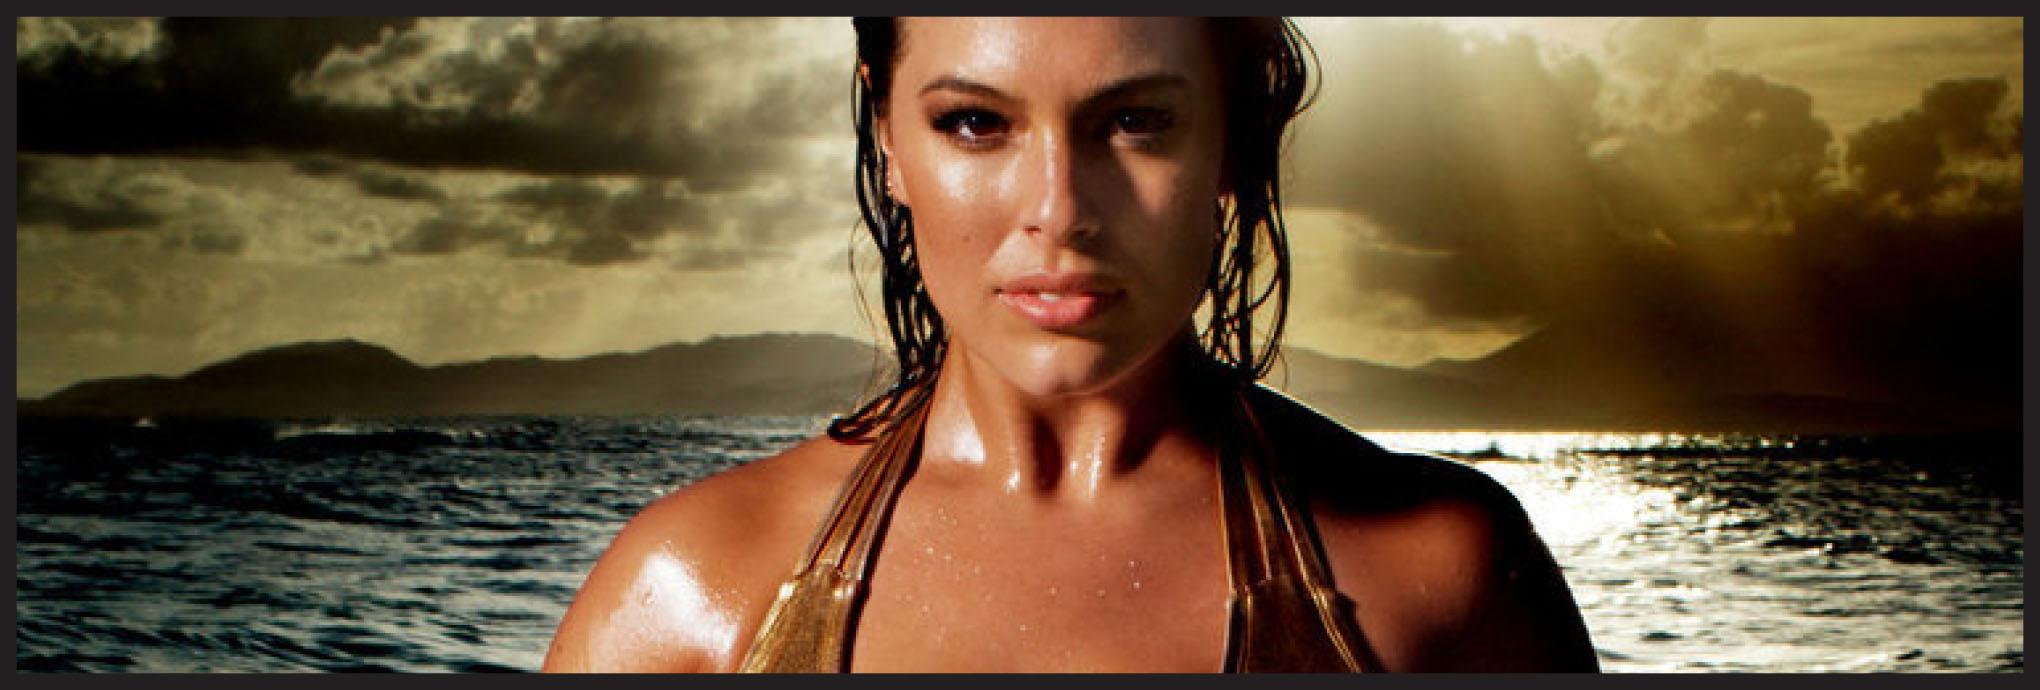 WMI_Swimsuit_Header.jpg